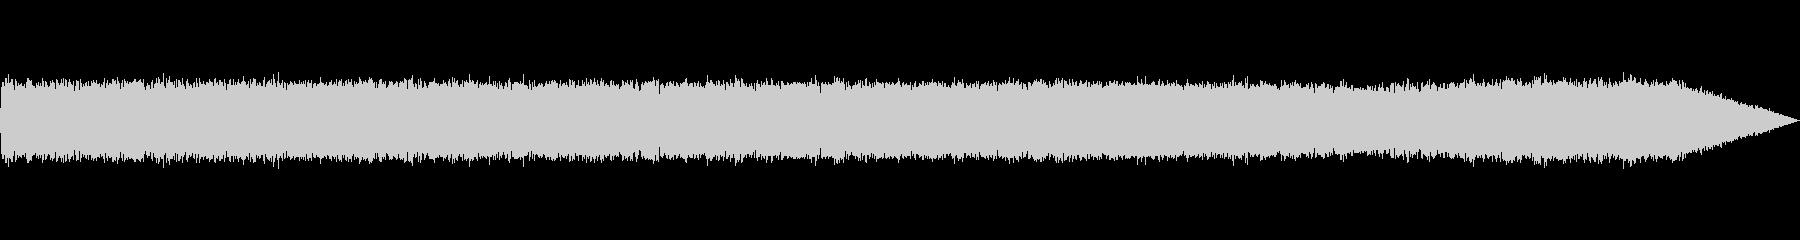 【生録音】ギターアンプノイズ02の未再生の波形